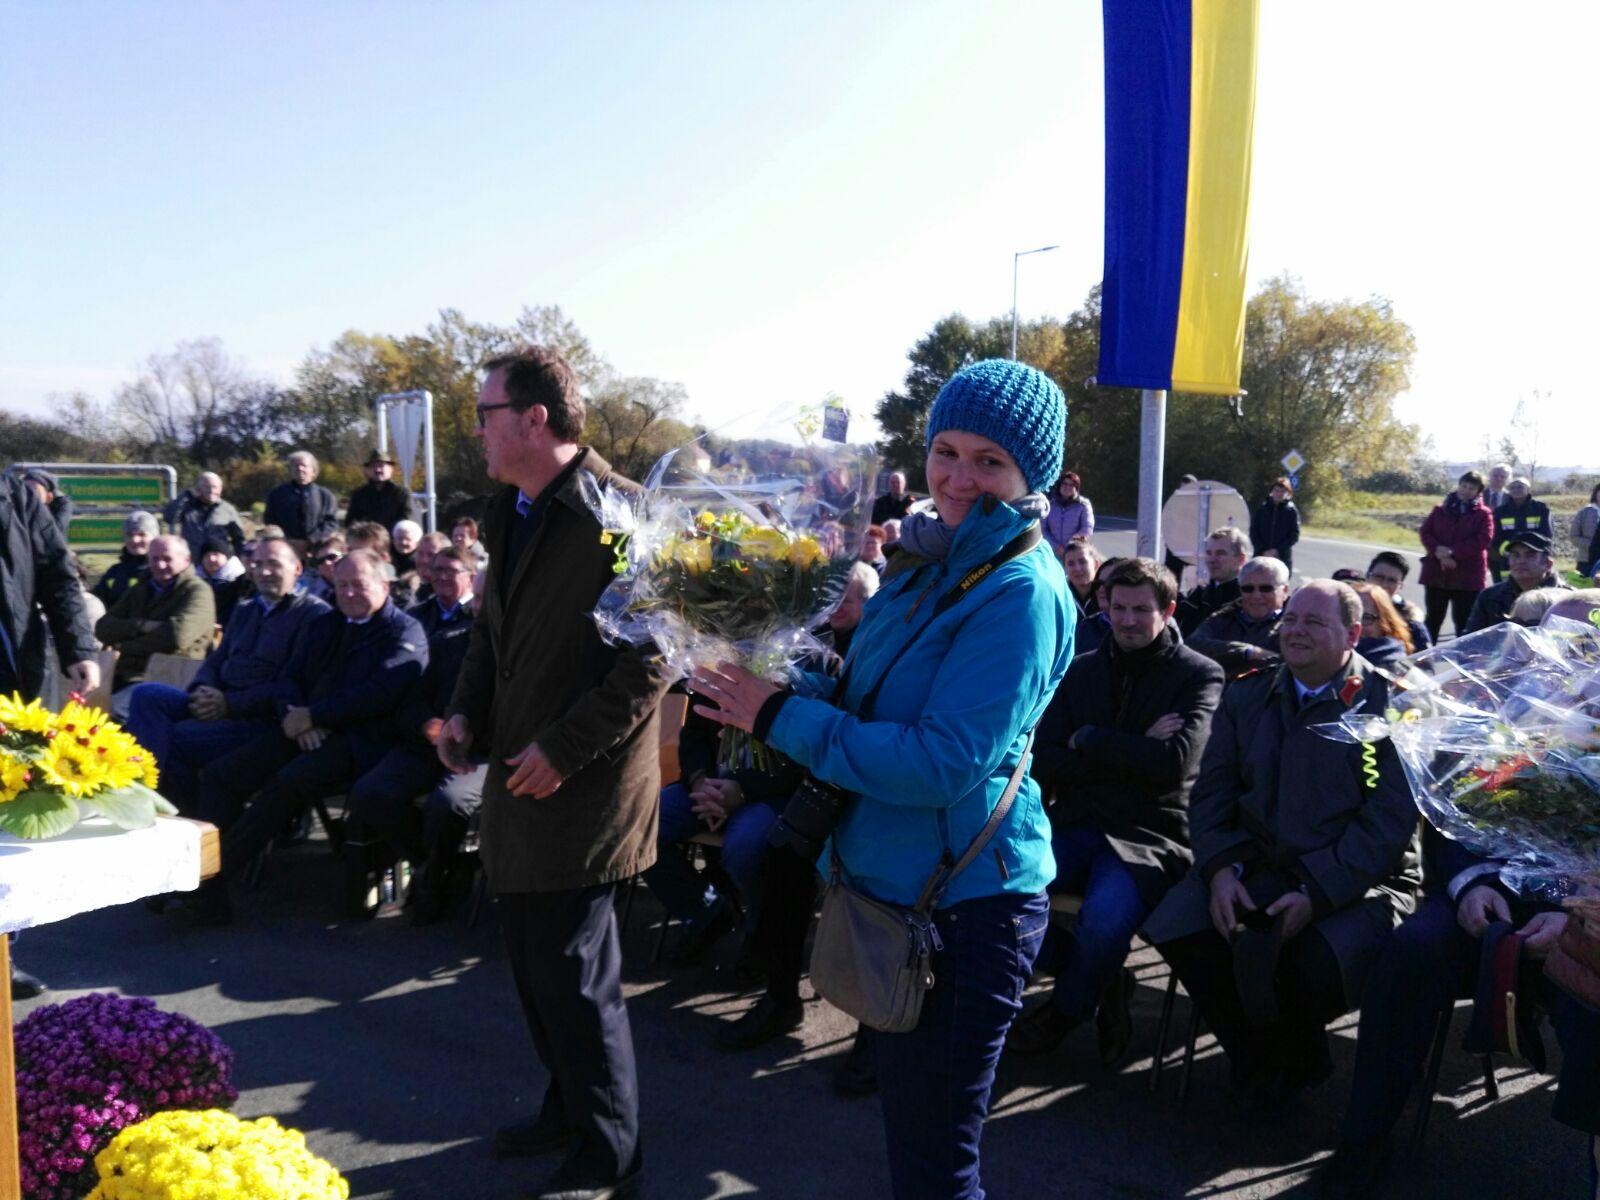 Heute gab's Blumen und viel Freude bei allen Beteiligten.